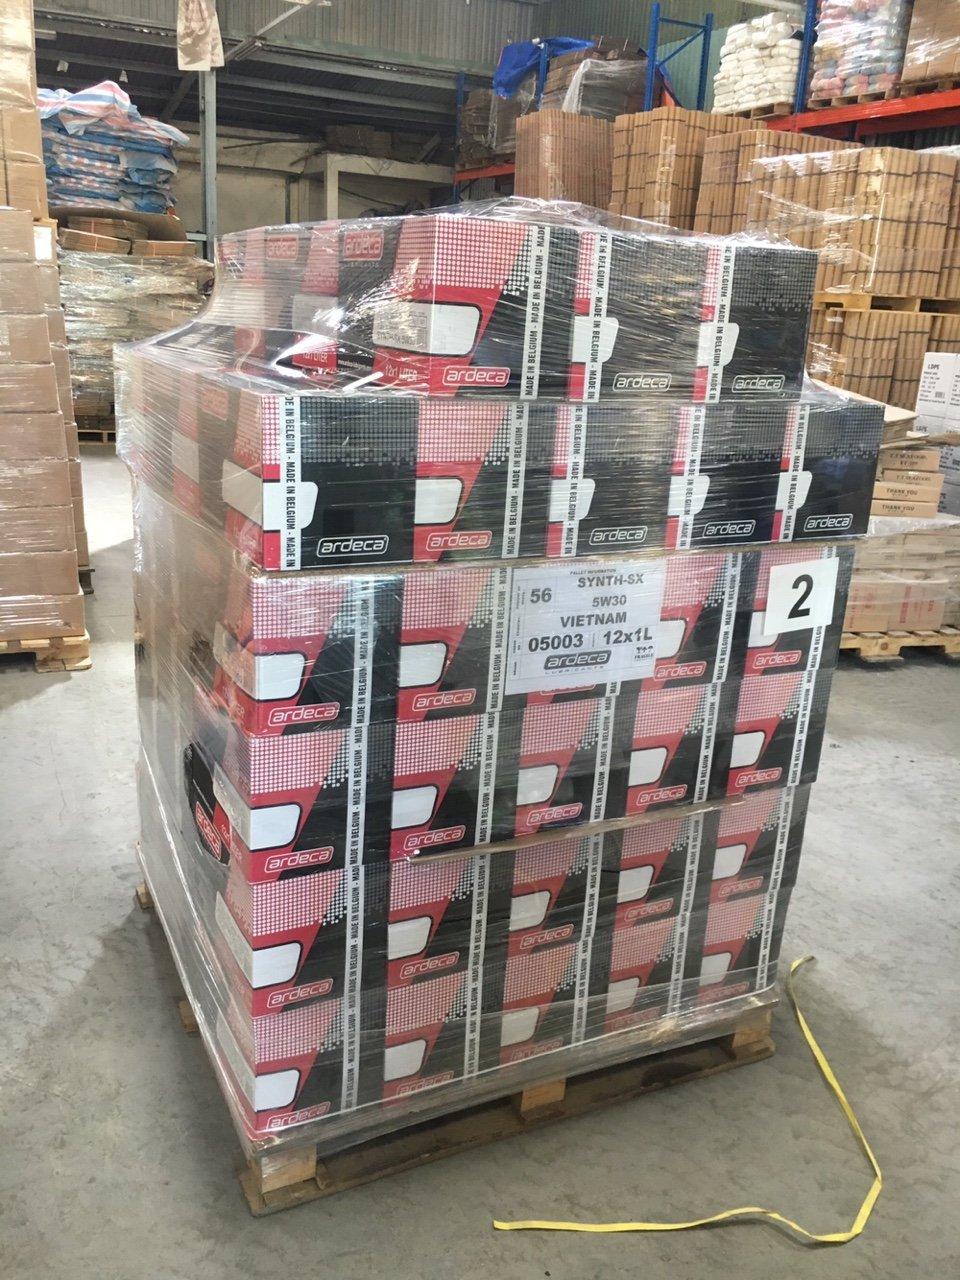 Nhớt Ardeca Scool-Tec 10W40 nhập khẩu Châu Âu chuyên dùng cho xe tay ga + Tặng kèm bịch túi rác